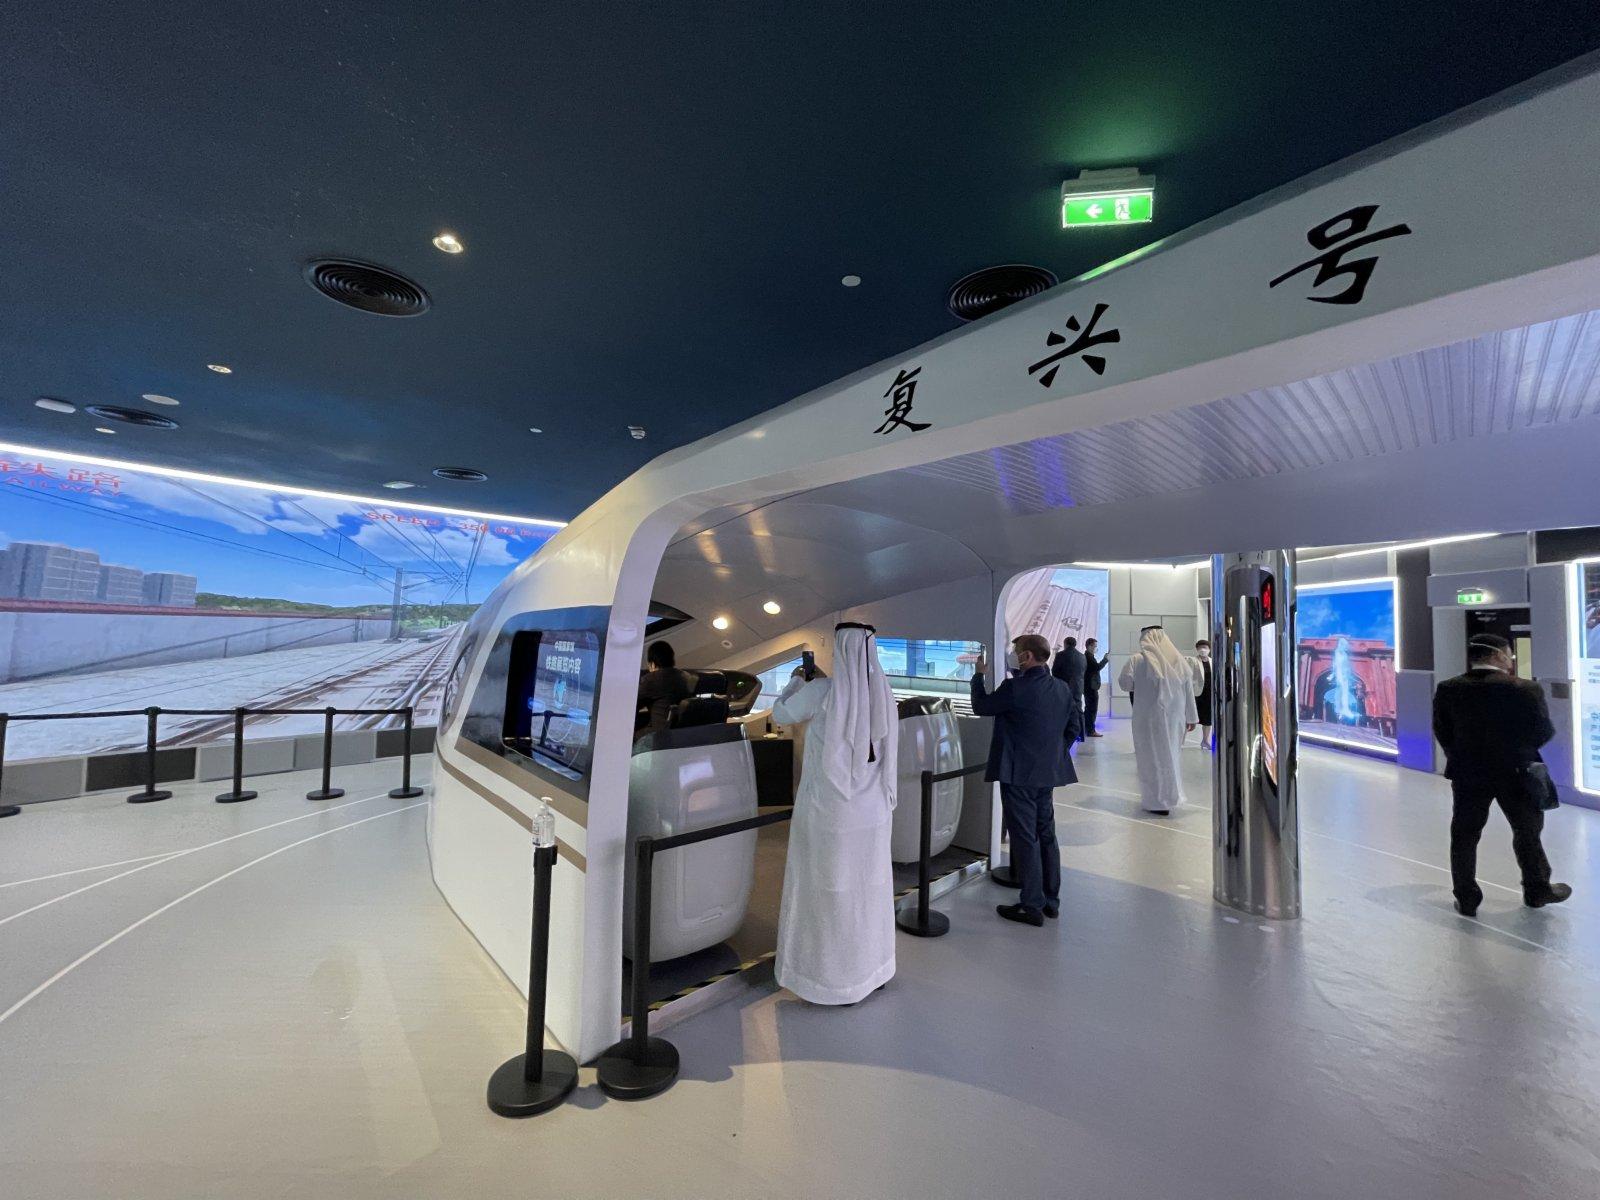 10月1日,在阿拉伯聯合酋長國迪拜,參觀者在世博會中國館觀看高鐵板塊的展覽。(新華社)